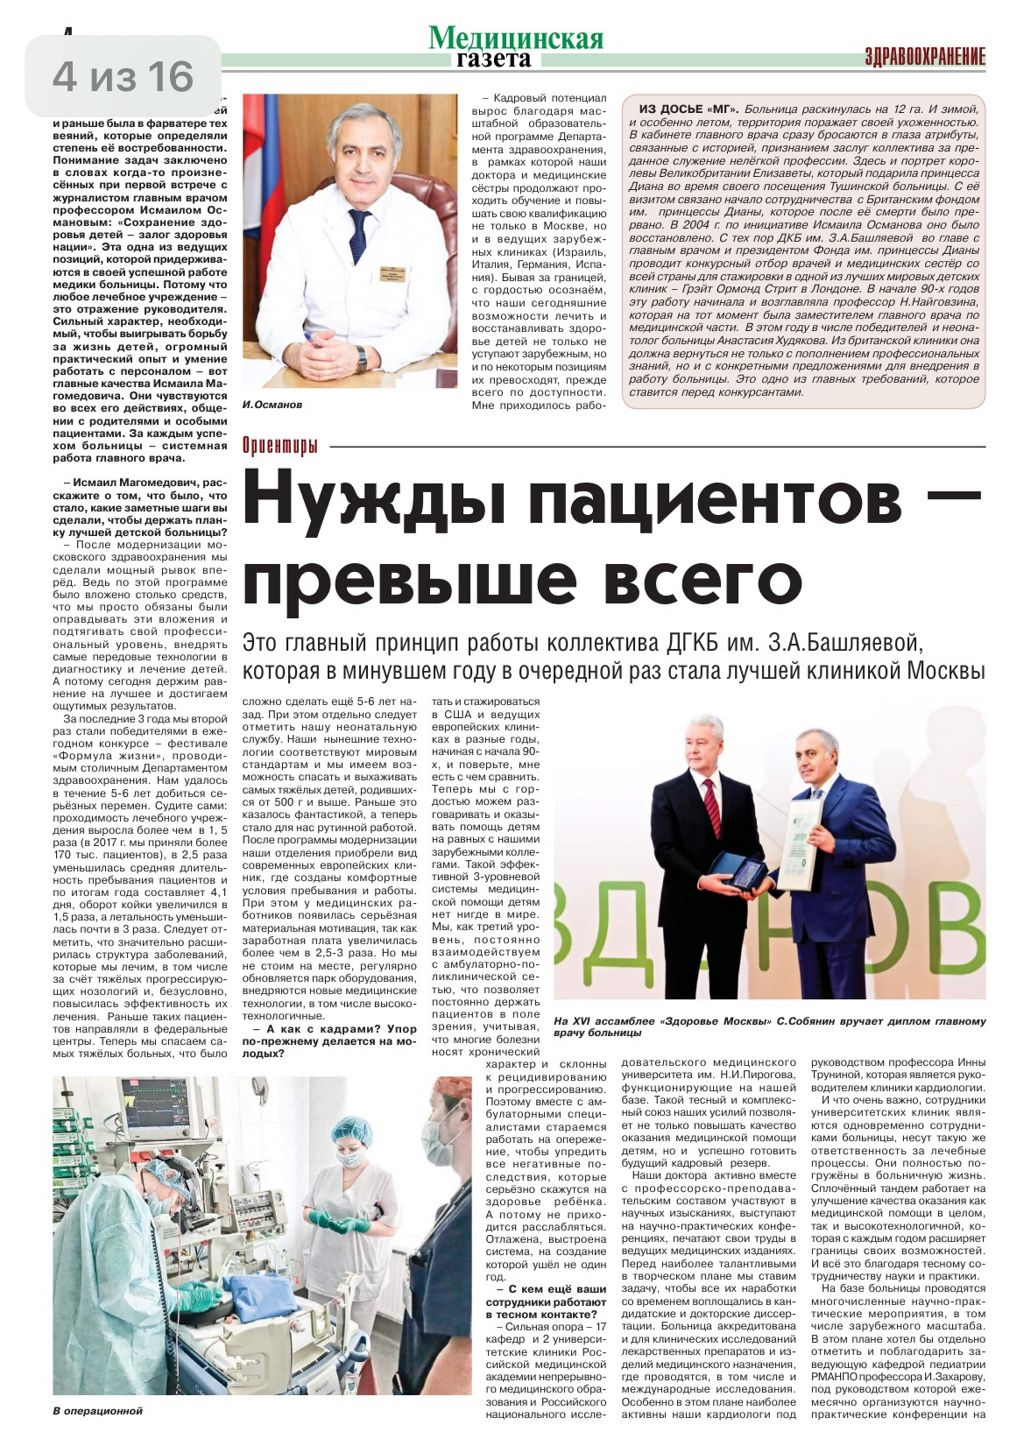 интервью главного врача медицинской газете